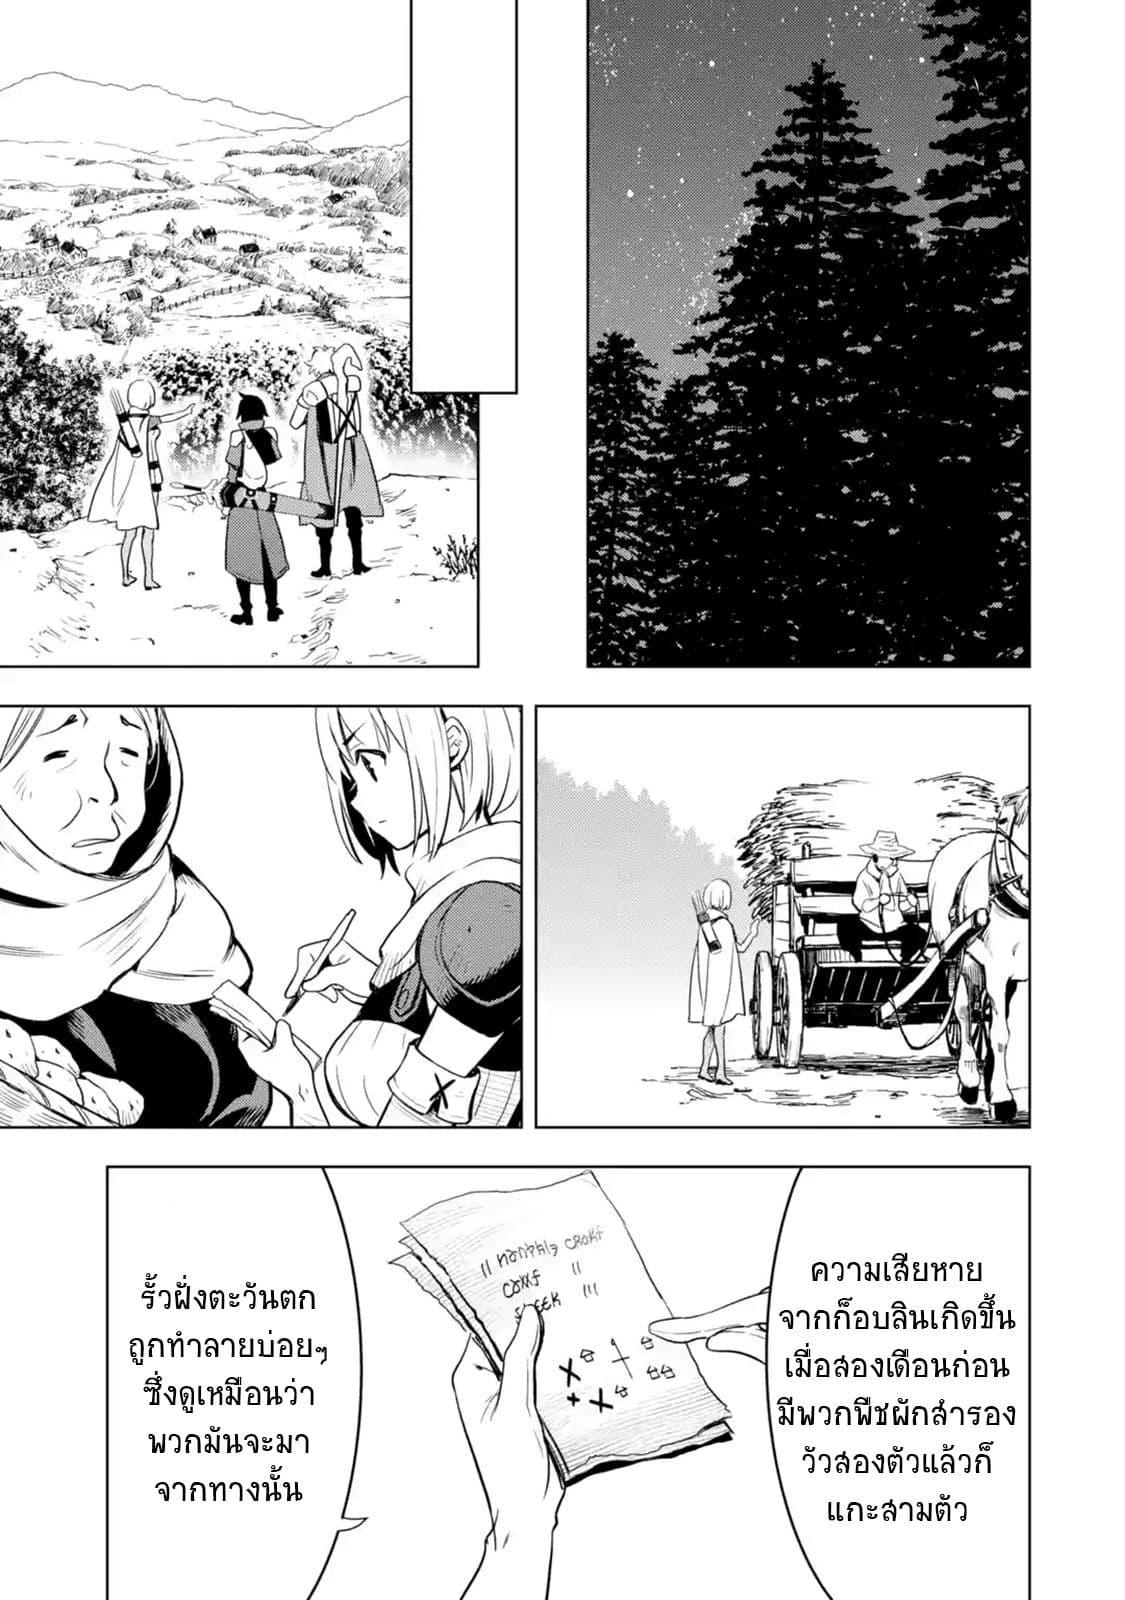 อ่านการ์ตูน Koko wa Ore ni Makasete Saki ni Ike to Itte kara 10 Nen ga Tattara Densetsu ni Natteita ตอนที่ 2 หน้าที่ 22